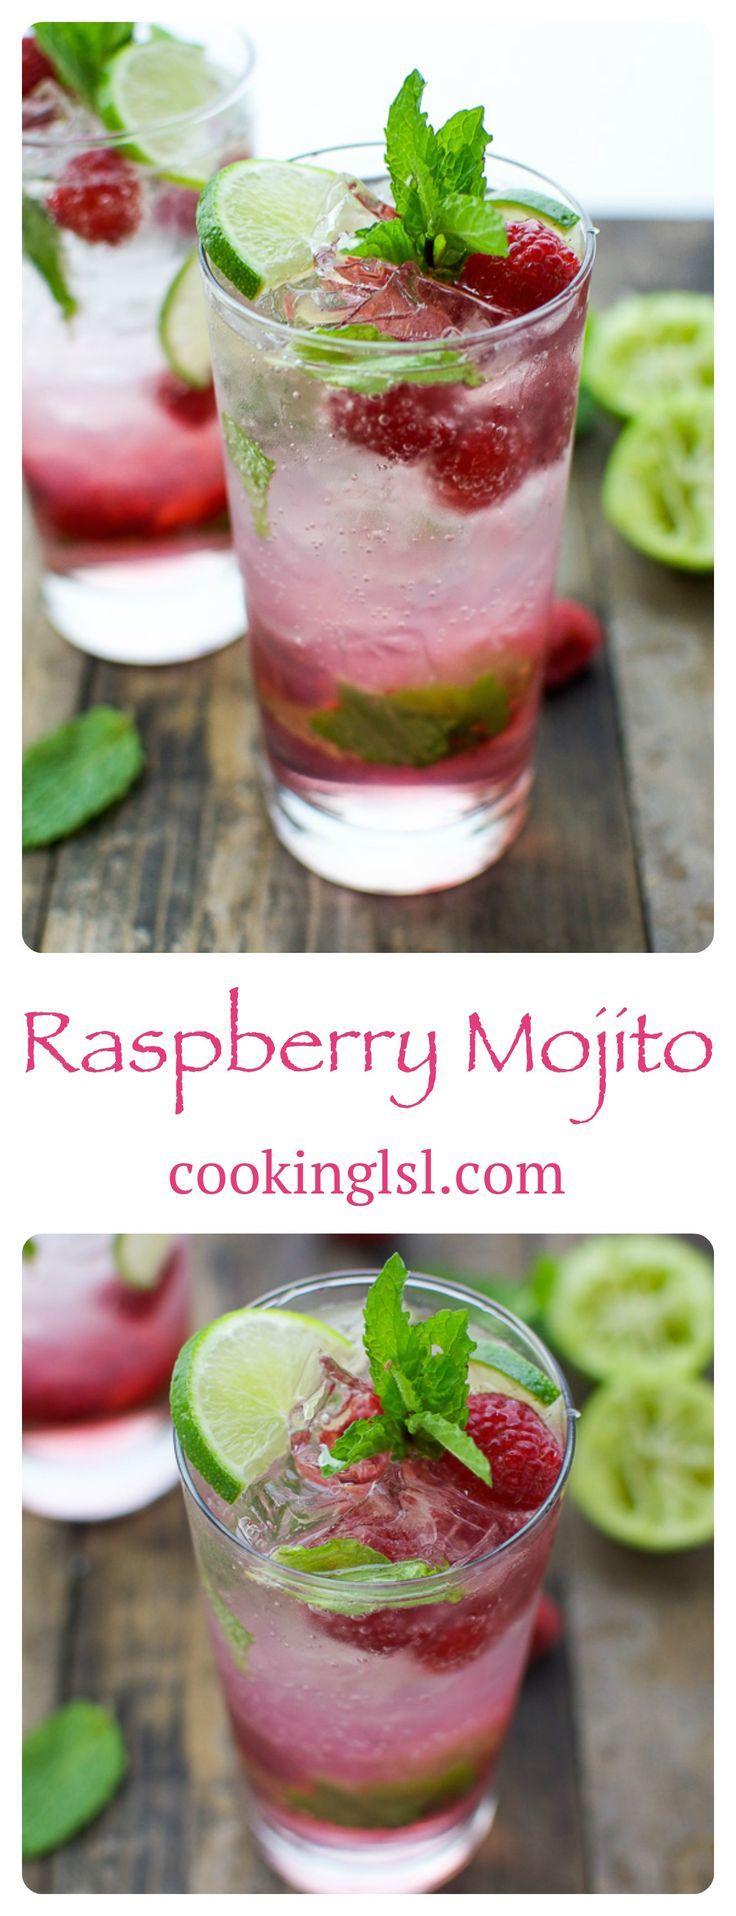 زفاف - Raspberry Mojito